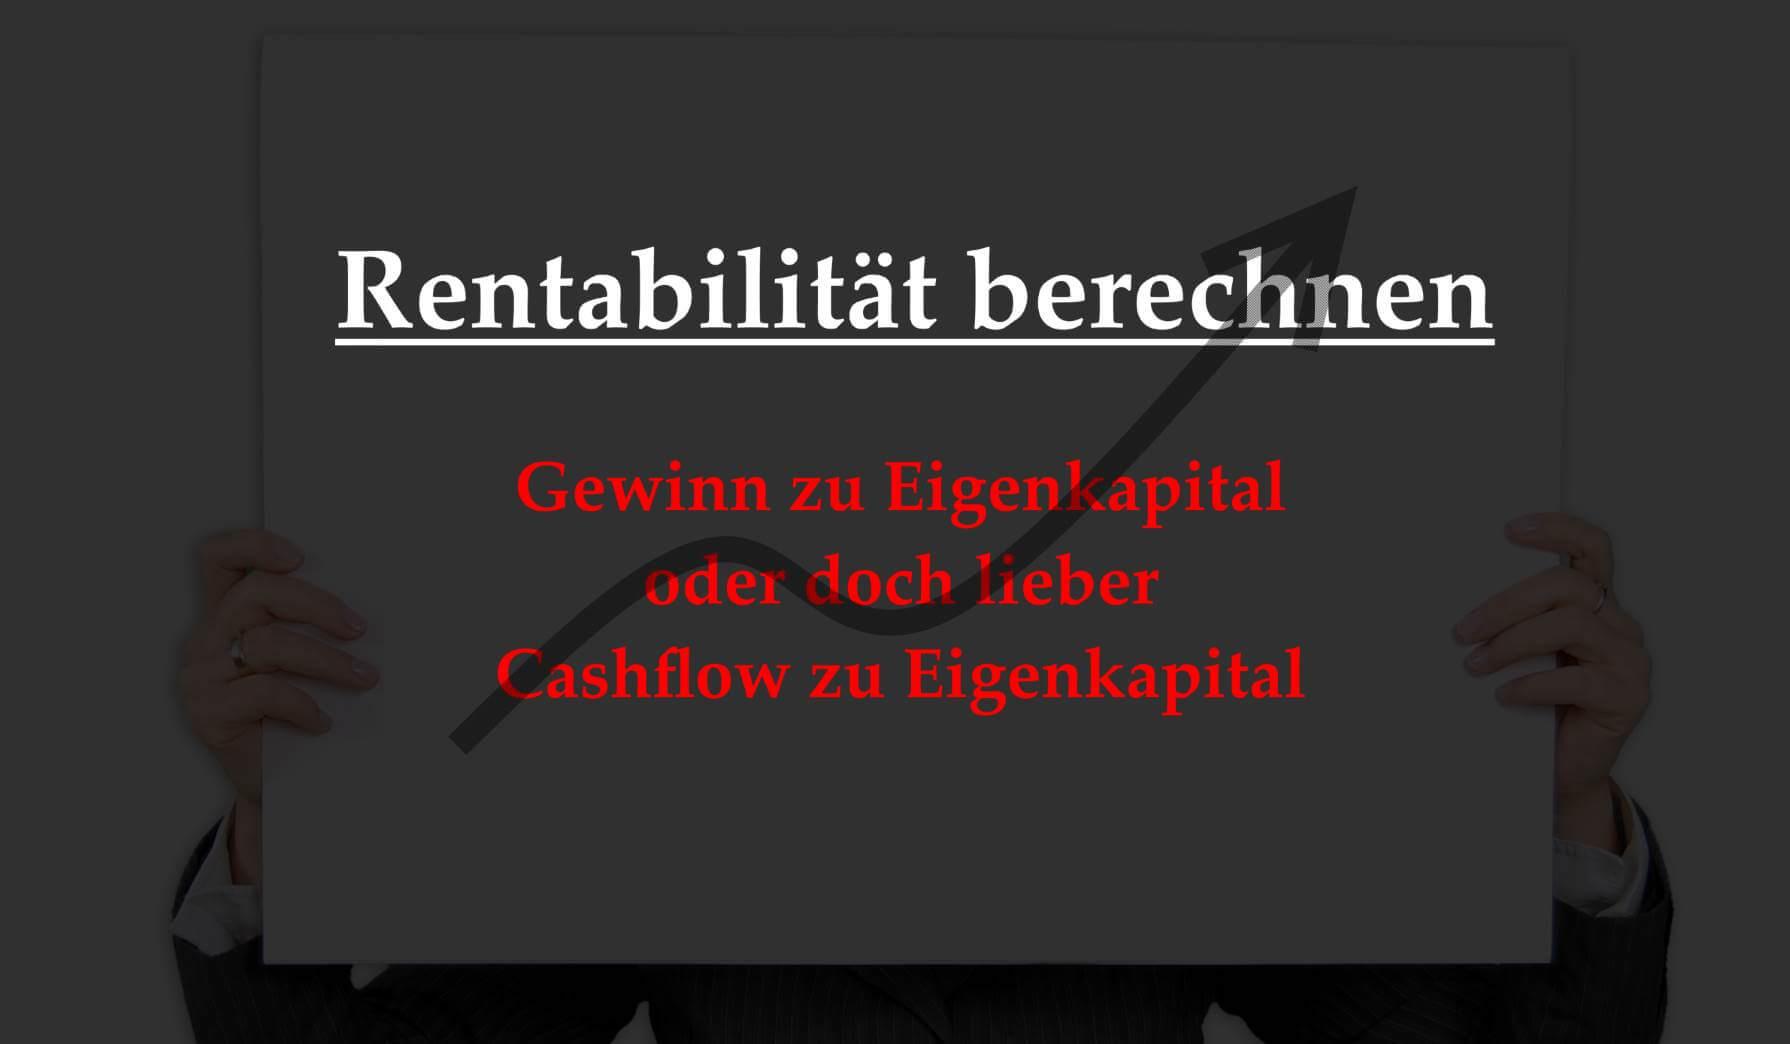 Mit Immobilien Reich Werden Rentabilitat Berechnen